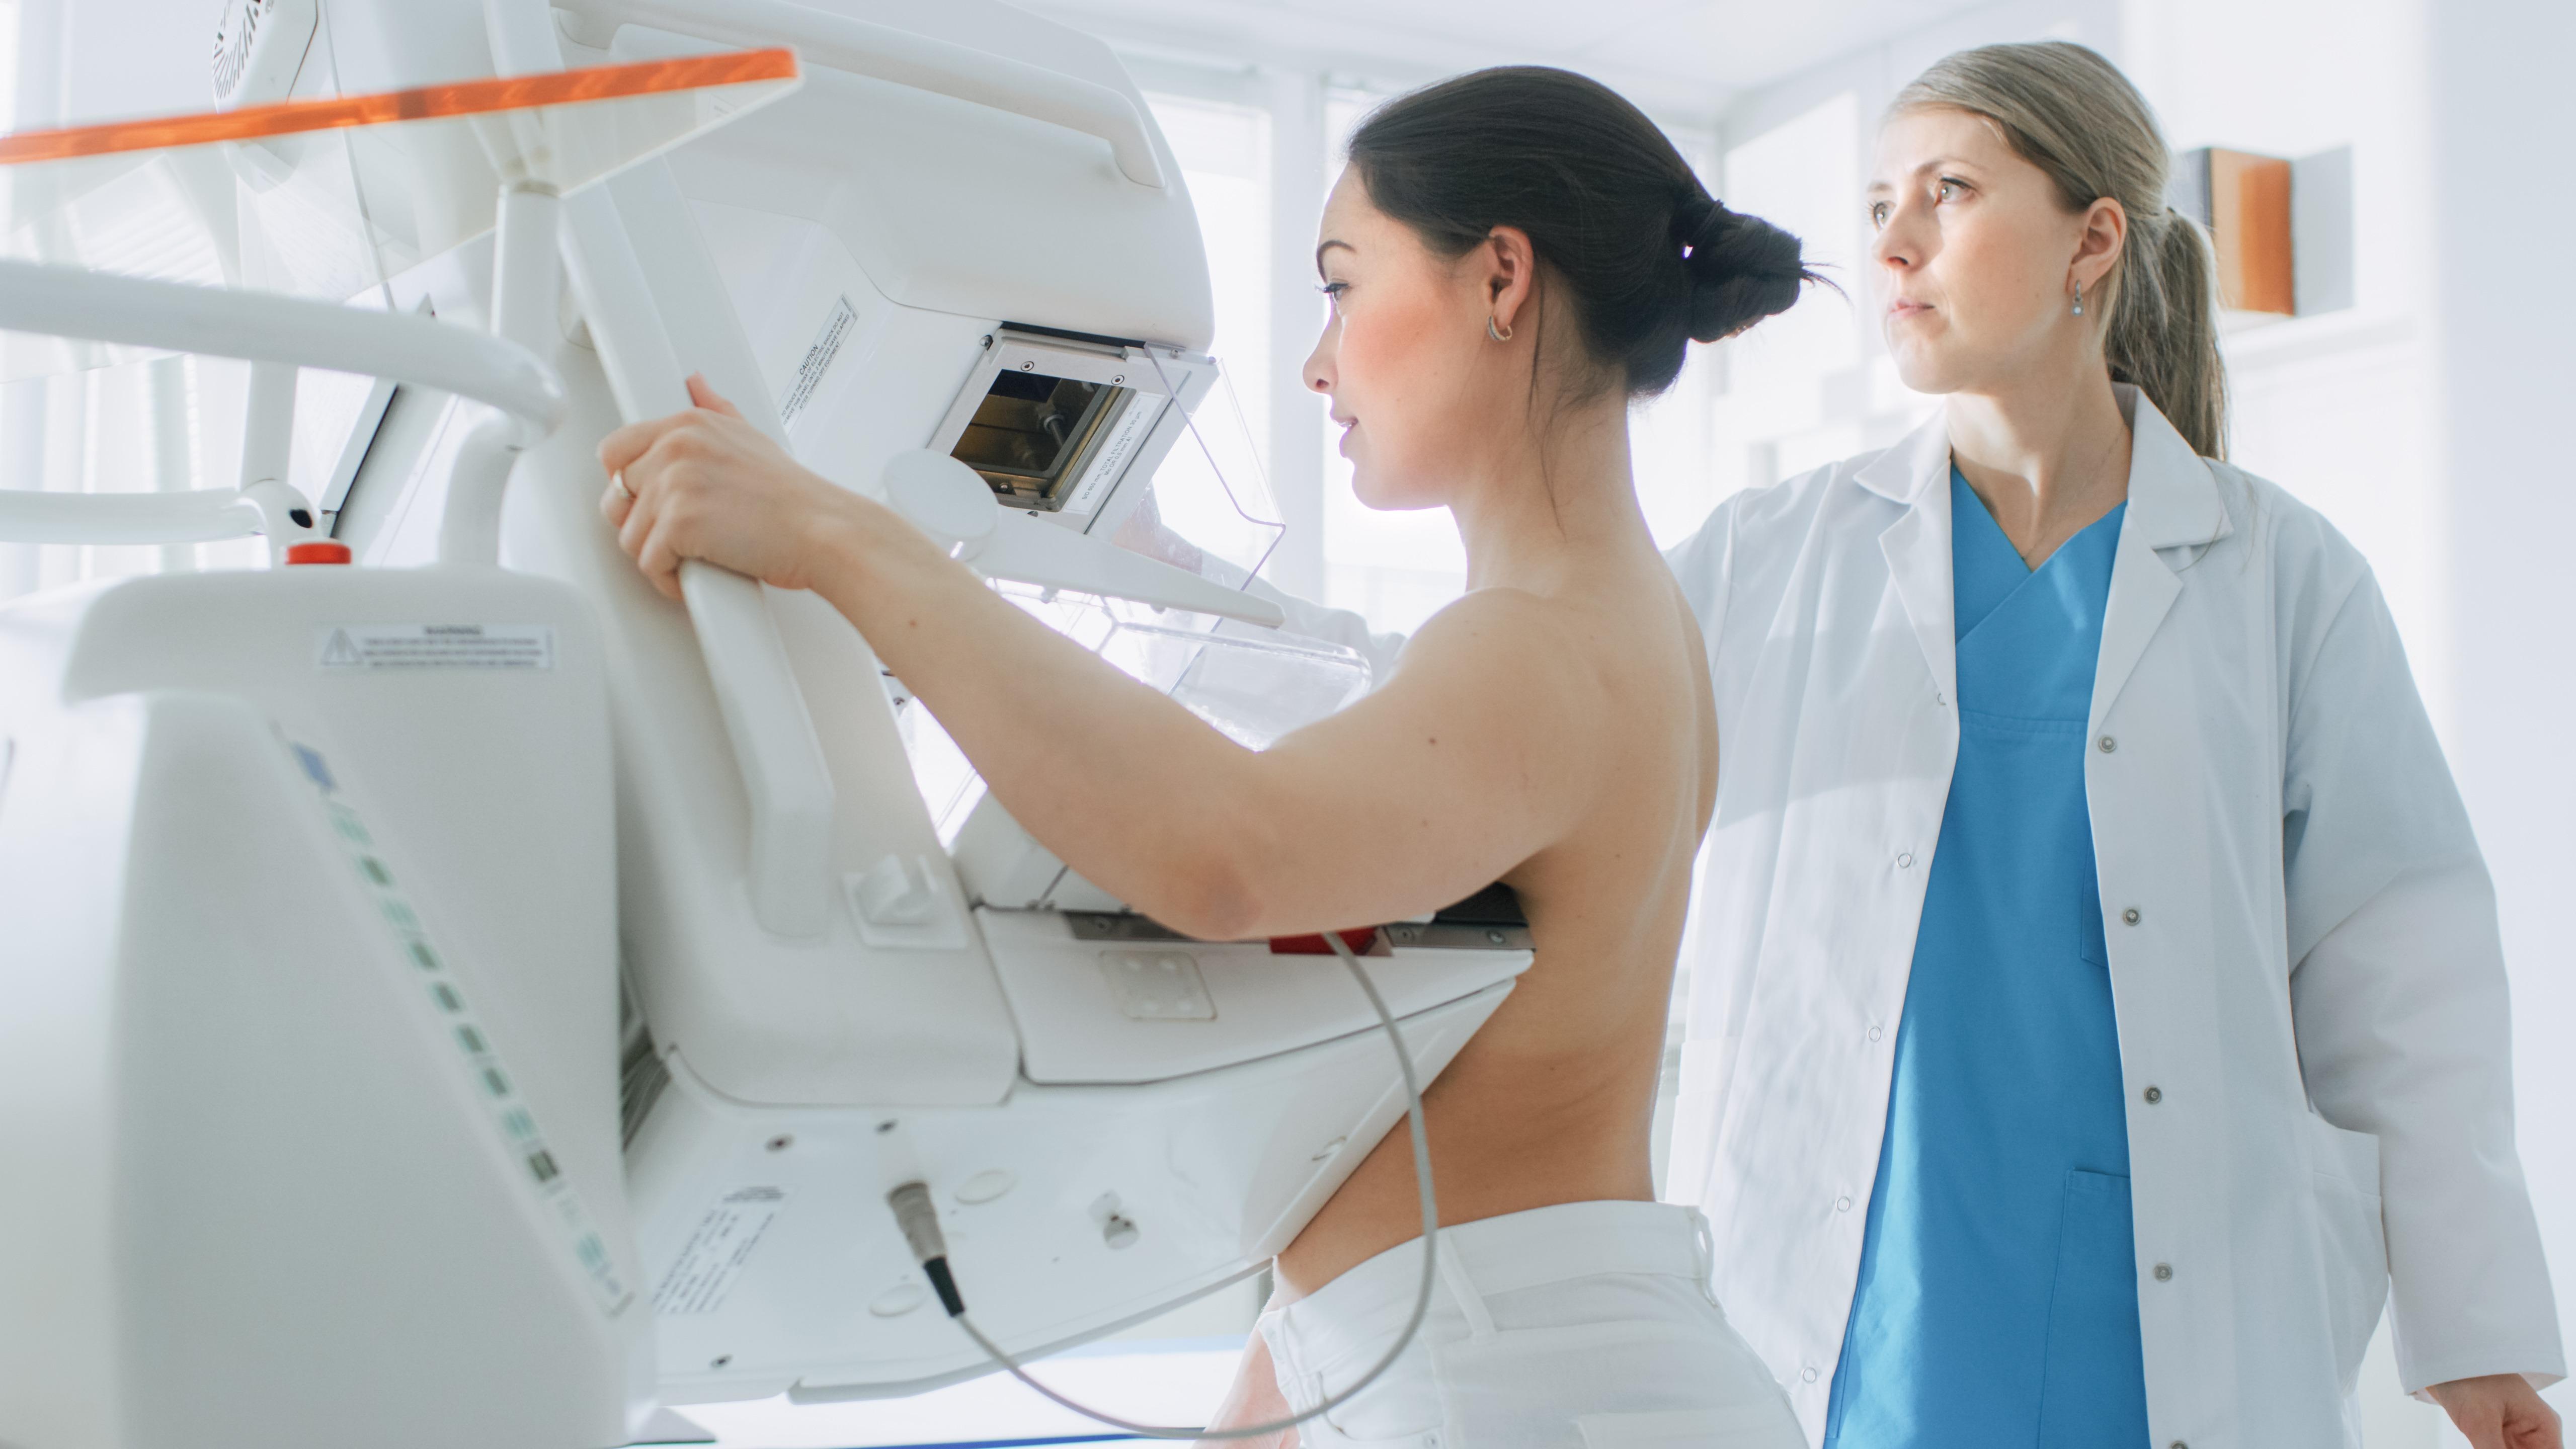 Câncer de mama em mulheres com menos de 40 anos pode ser mais agressivo